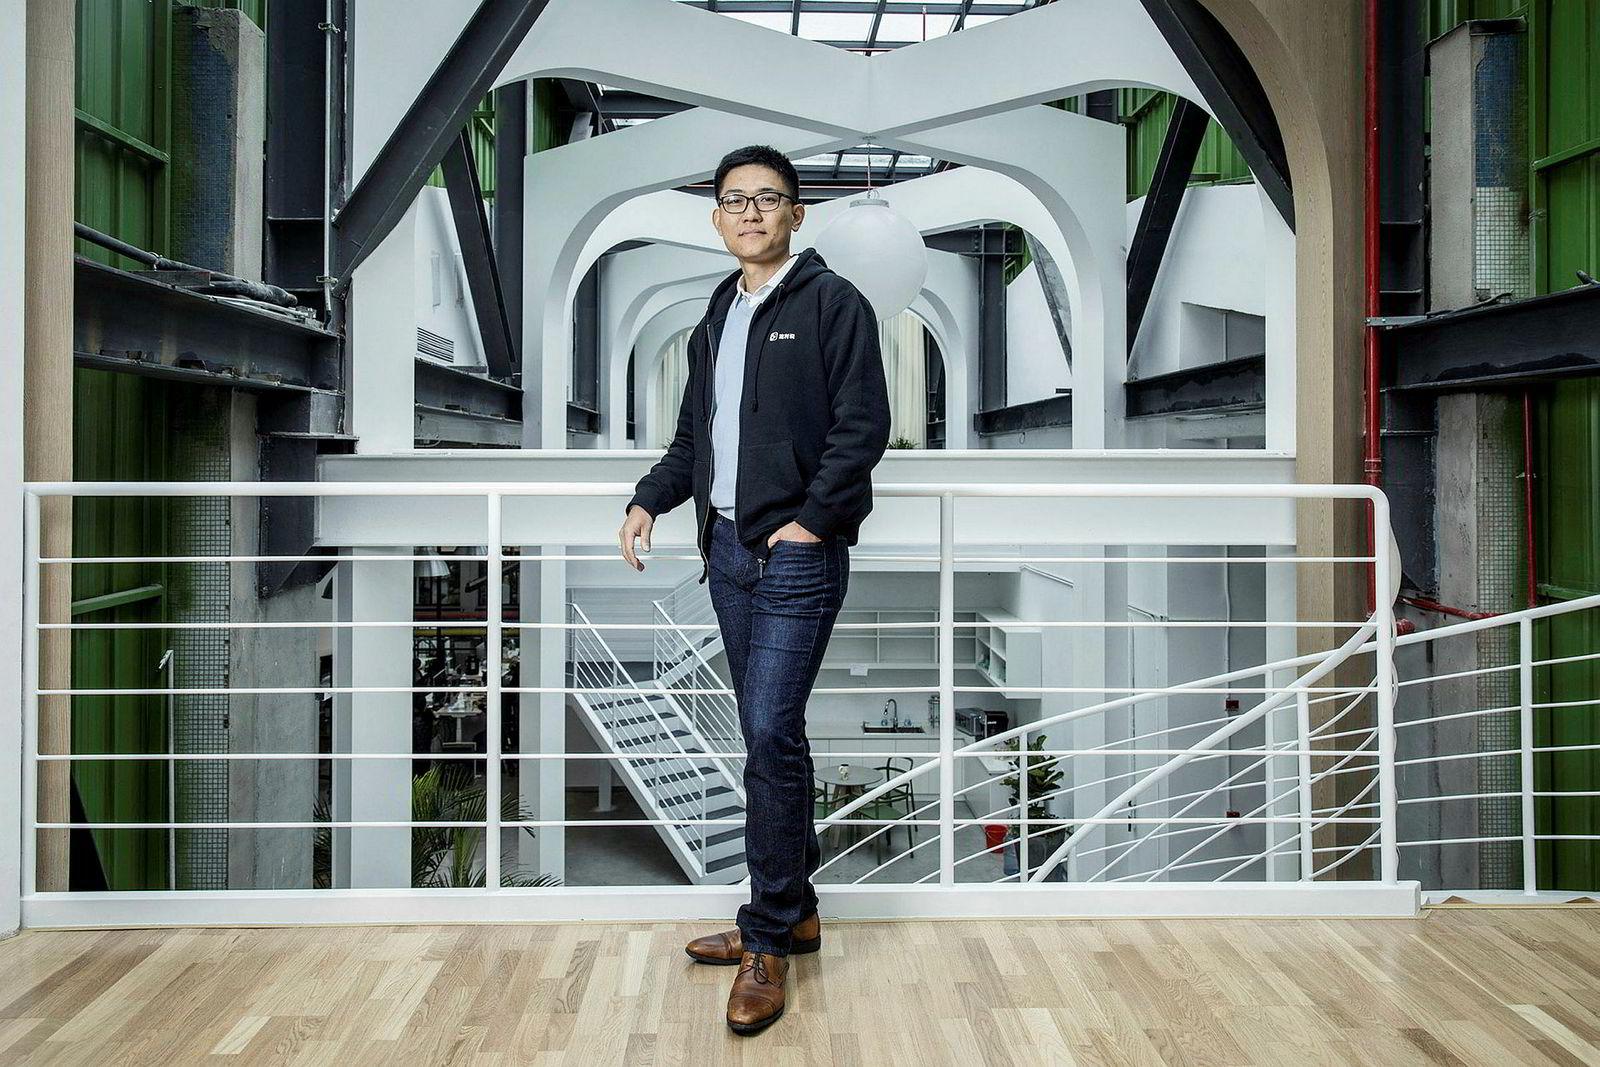 Wang Lis populære app for å lære engelsk – Liulishuo eller LingoChamp – hentet i juli inn hundre millioner dollar i ny kapital. Her i selskapets hovedlokaler i Shanghai i Kina.